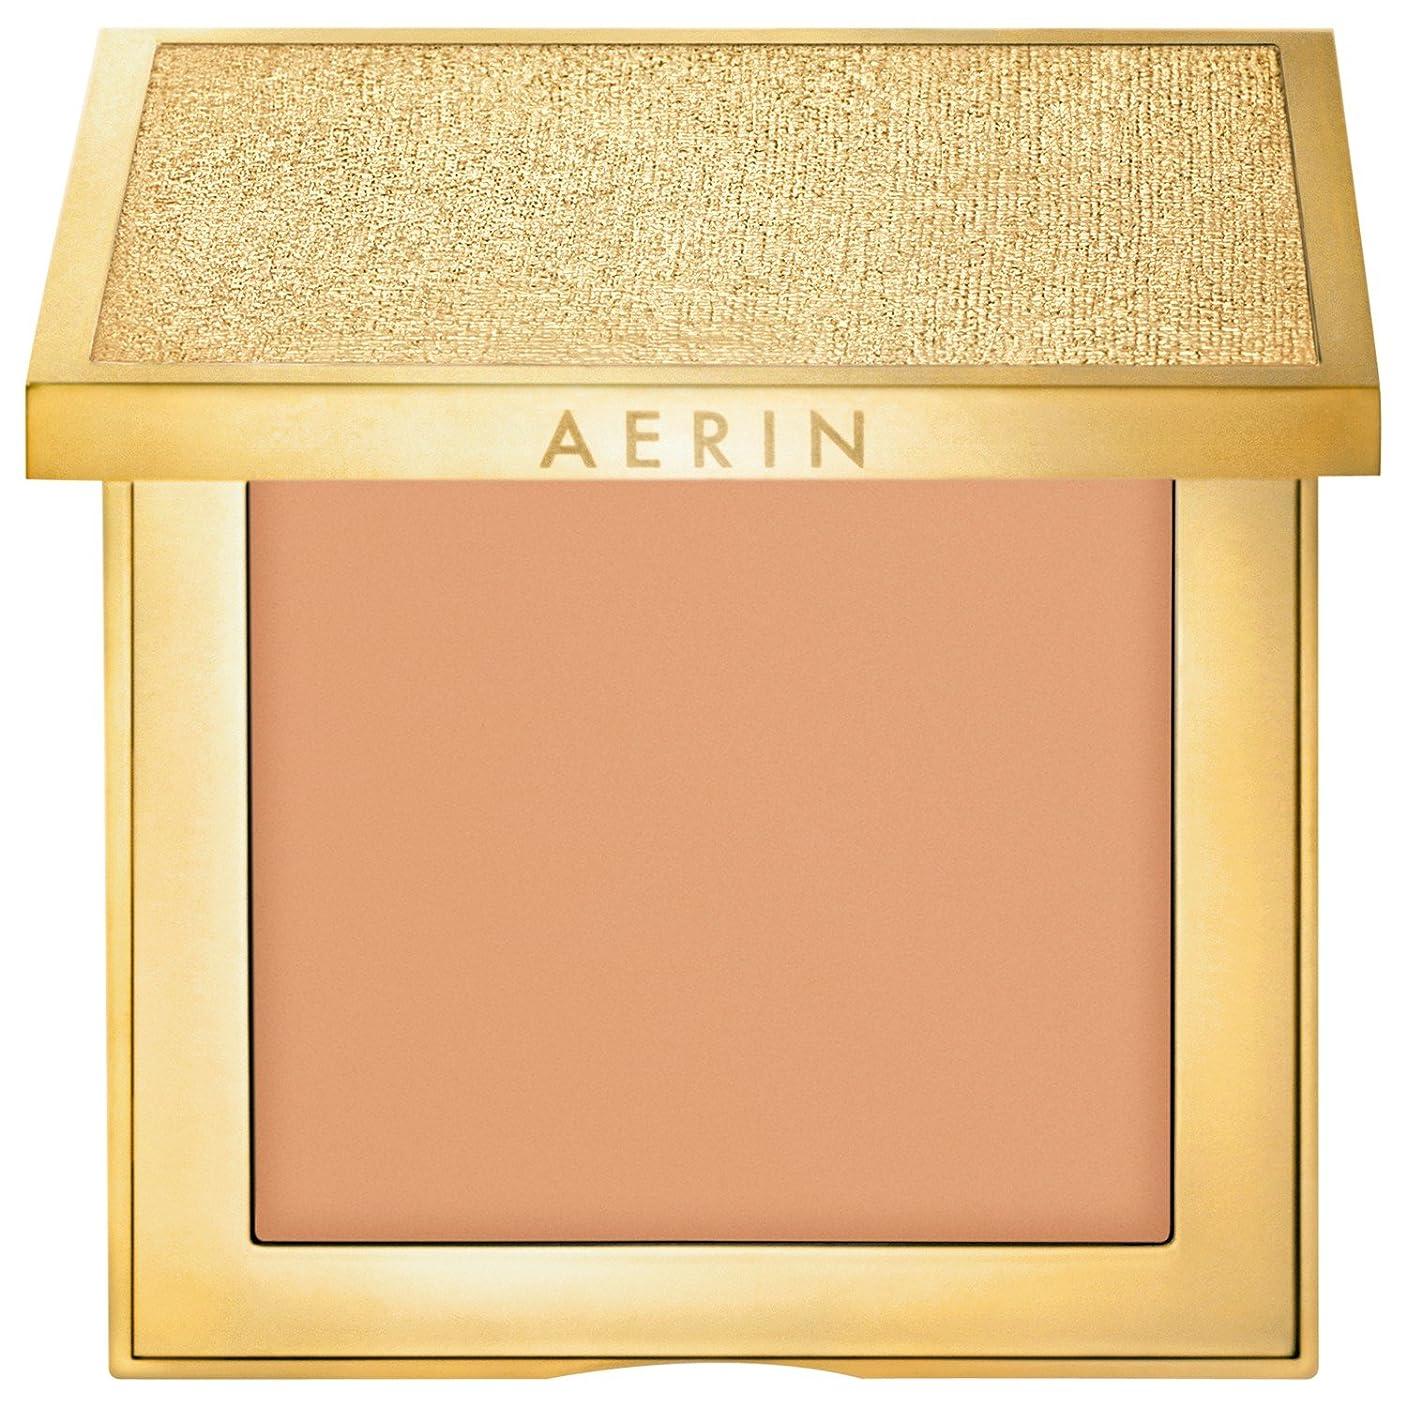 ケージ熟読するの間にAerin新鮮な肌コンパクトメイクアップレベル5 (AERIN) - AERIN Fresh Skin Compact Makeup Level 5 [並行輸入品]